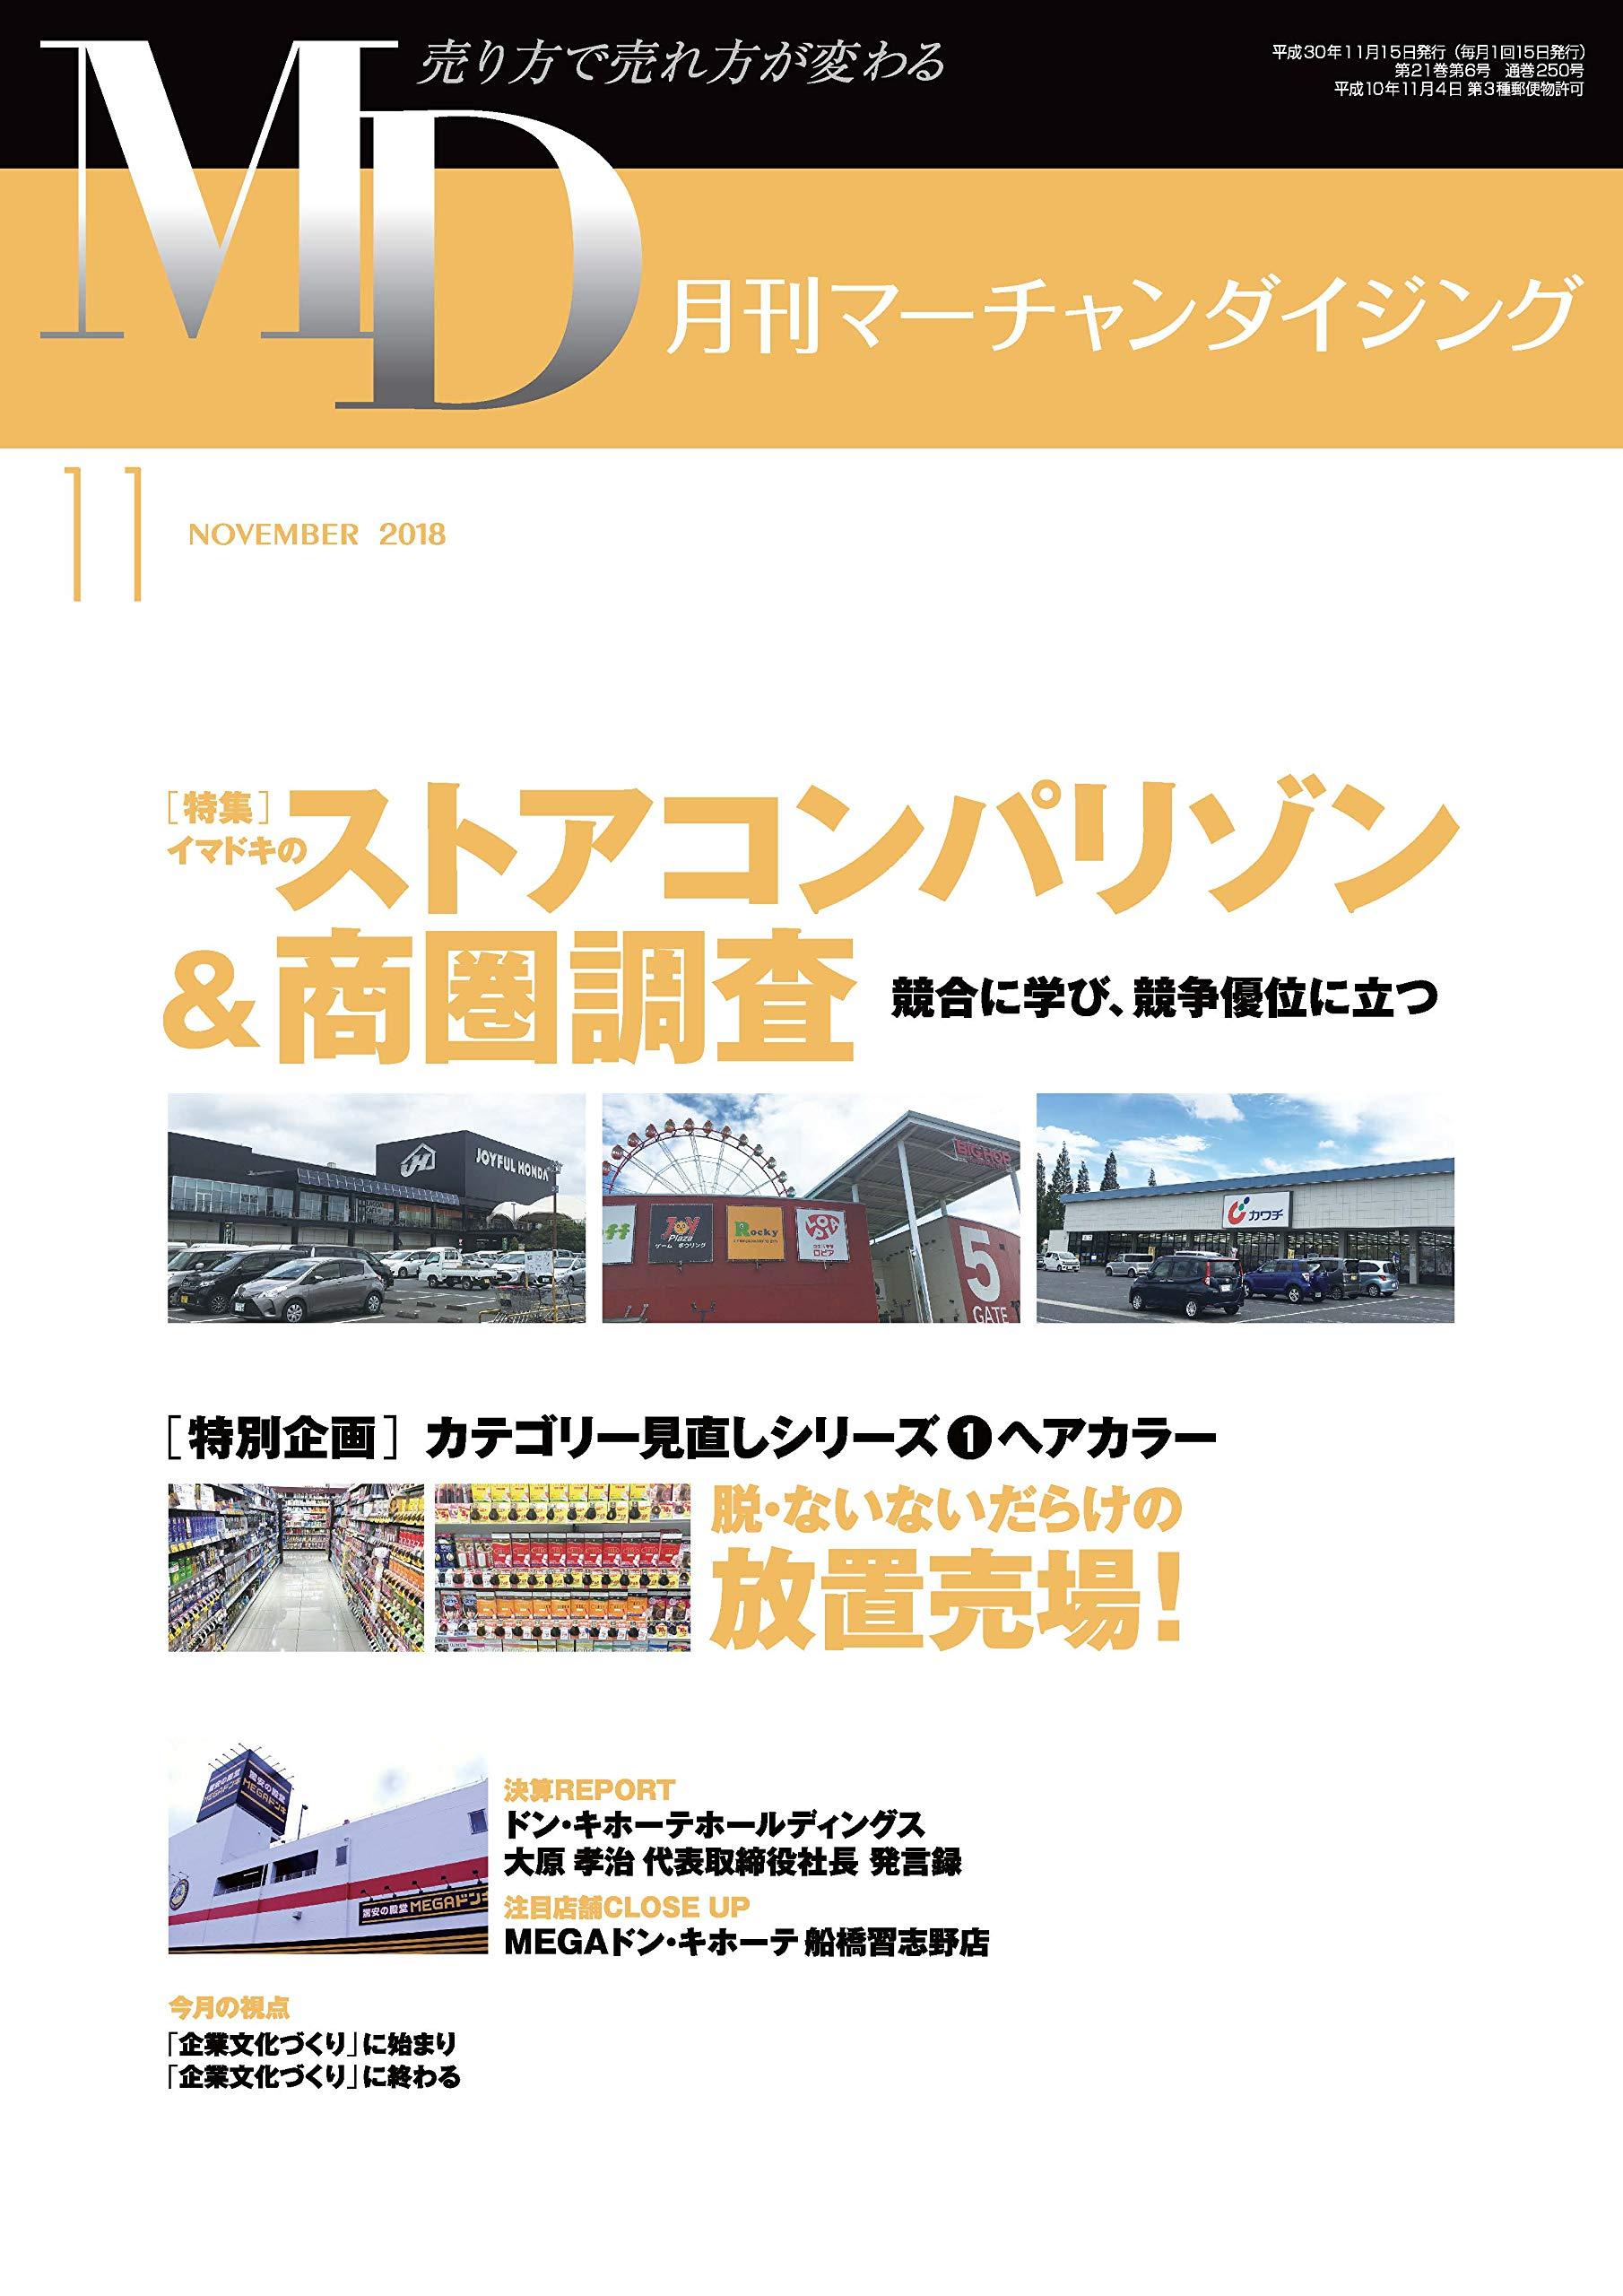 gekkanmahchandaijingunisenjuhachinen juichigatsugo (Japanese Edition)